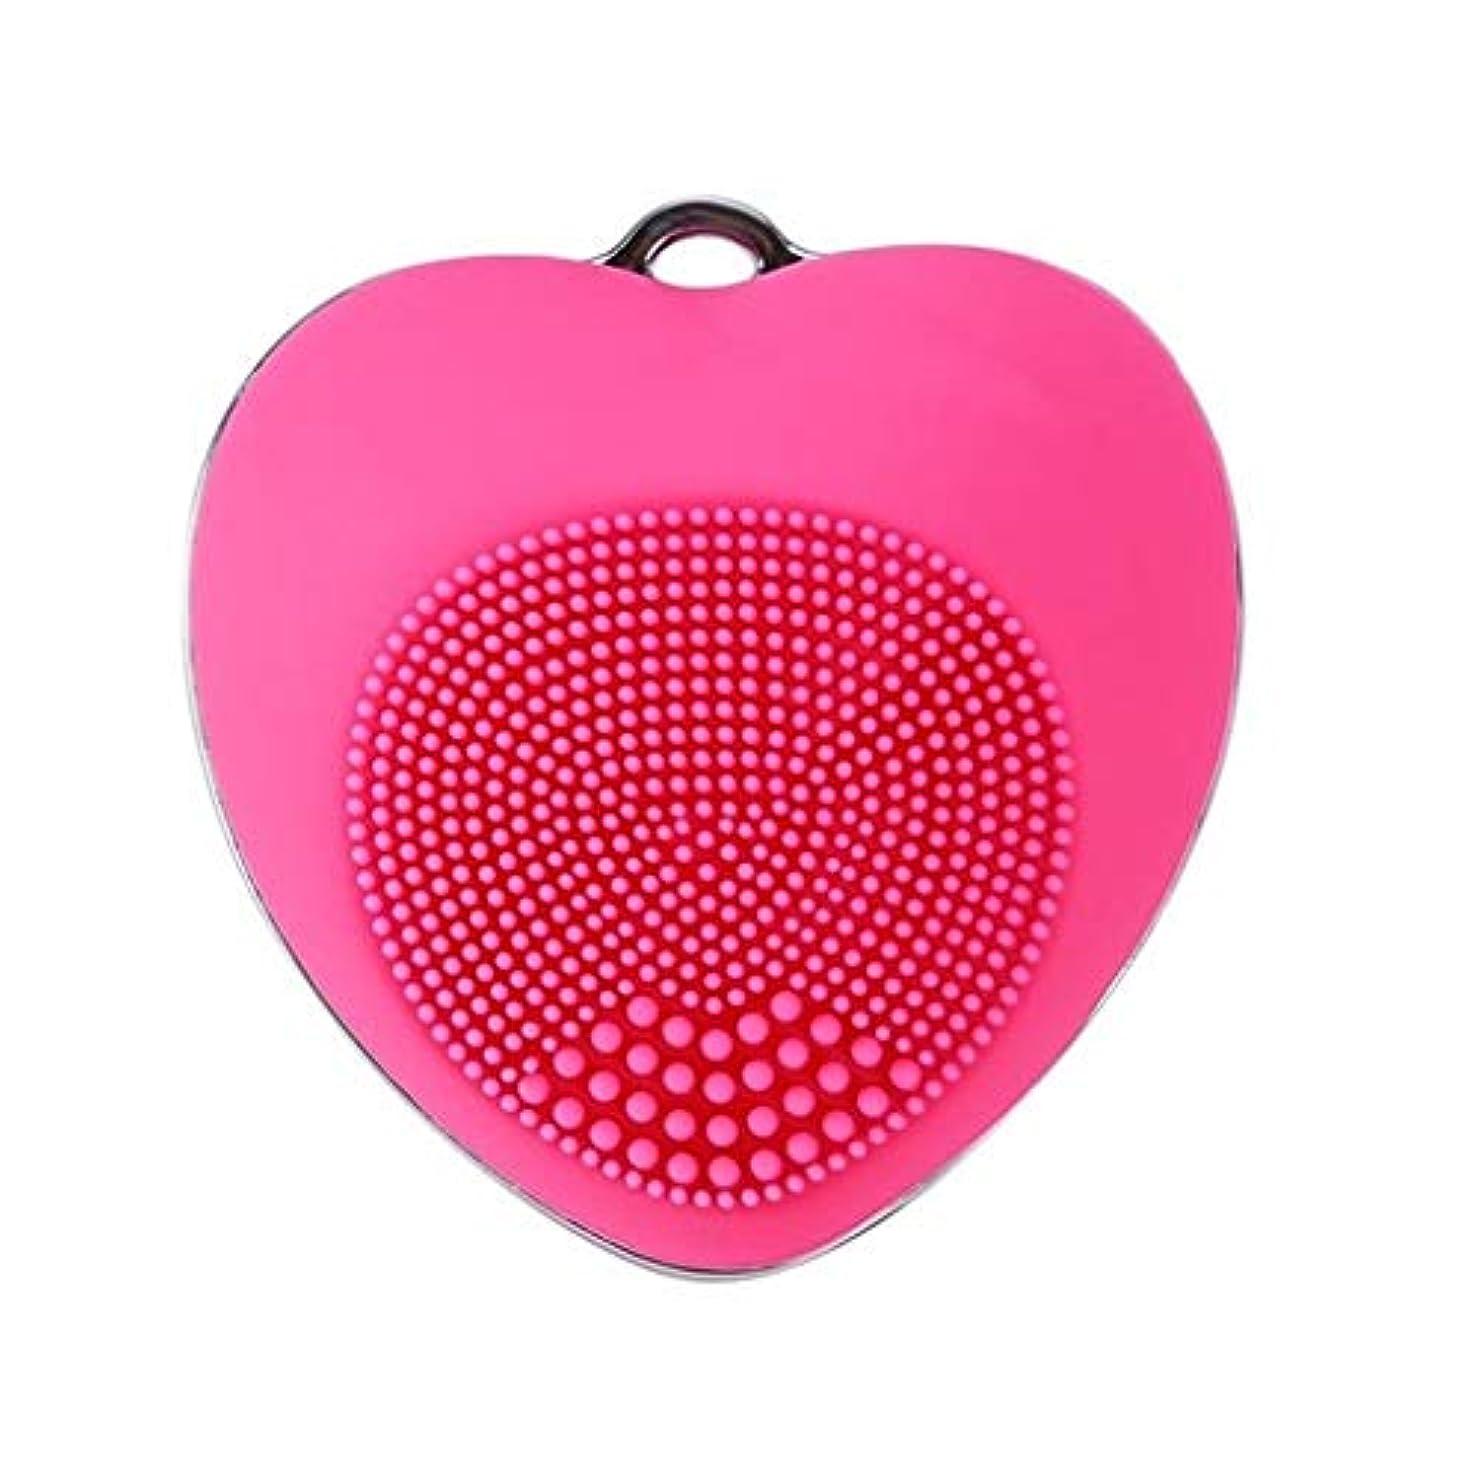 メディック海軍順応性電気クレンジング器具、超音波洗浄ポータブルフェイシャルマッサージャーきれいな毛穴深いクレンジング穏やかな角質除去黒ずみを除去 (Color : Rose Red)